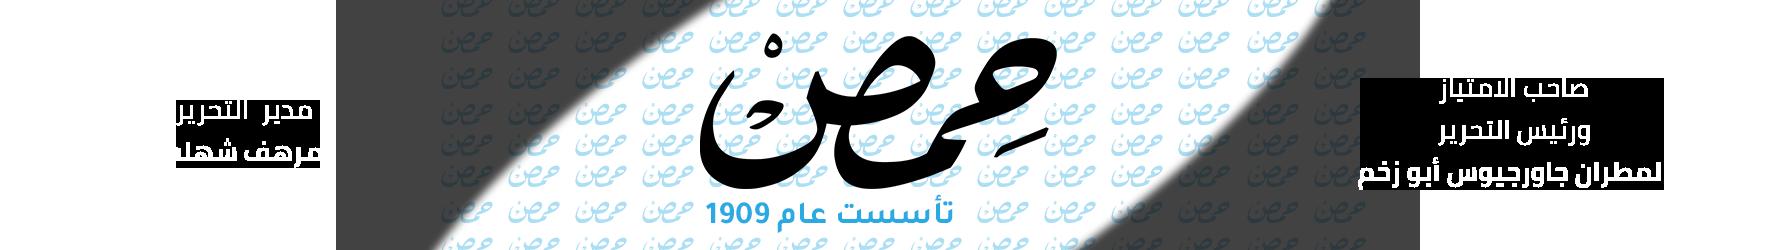 جريدة حمص